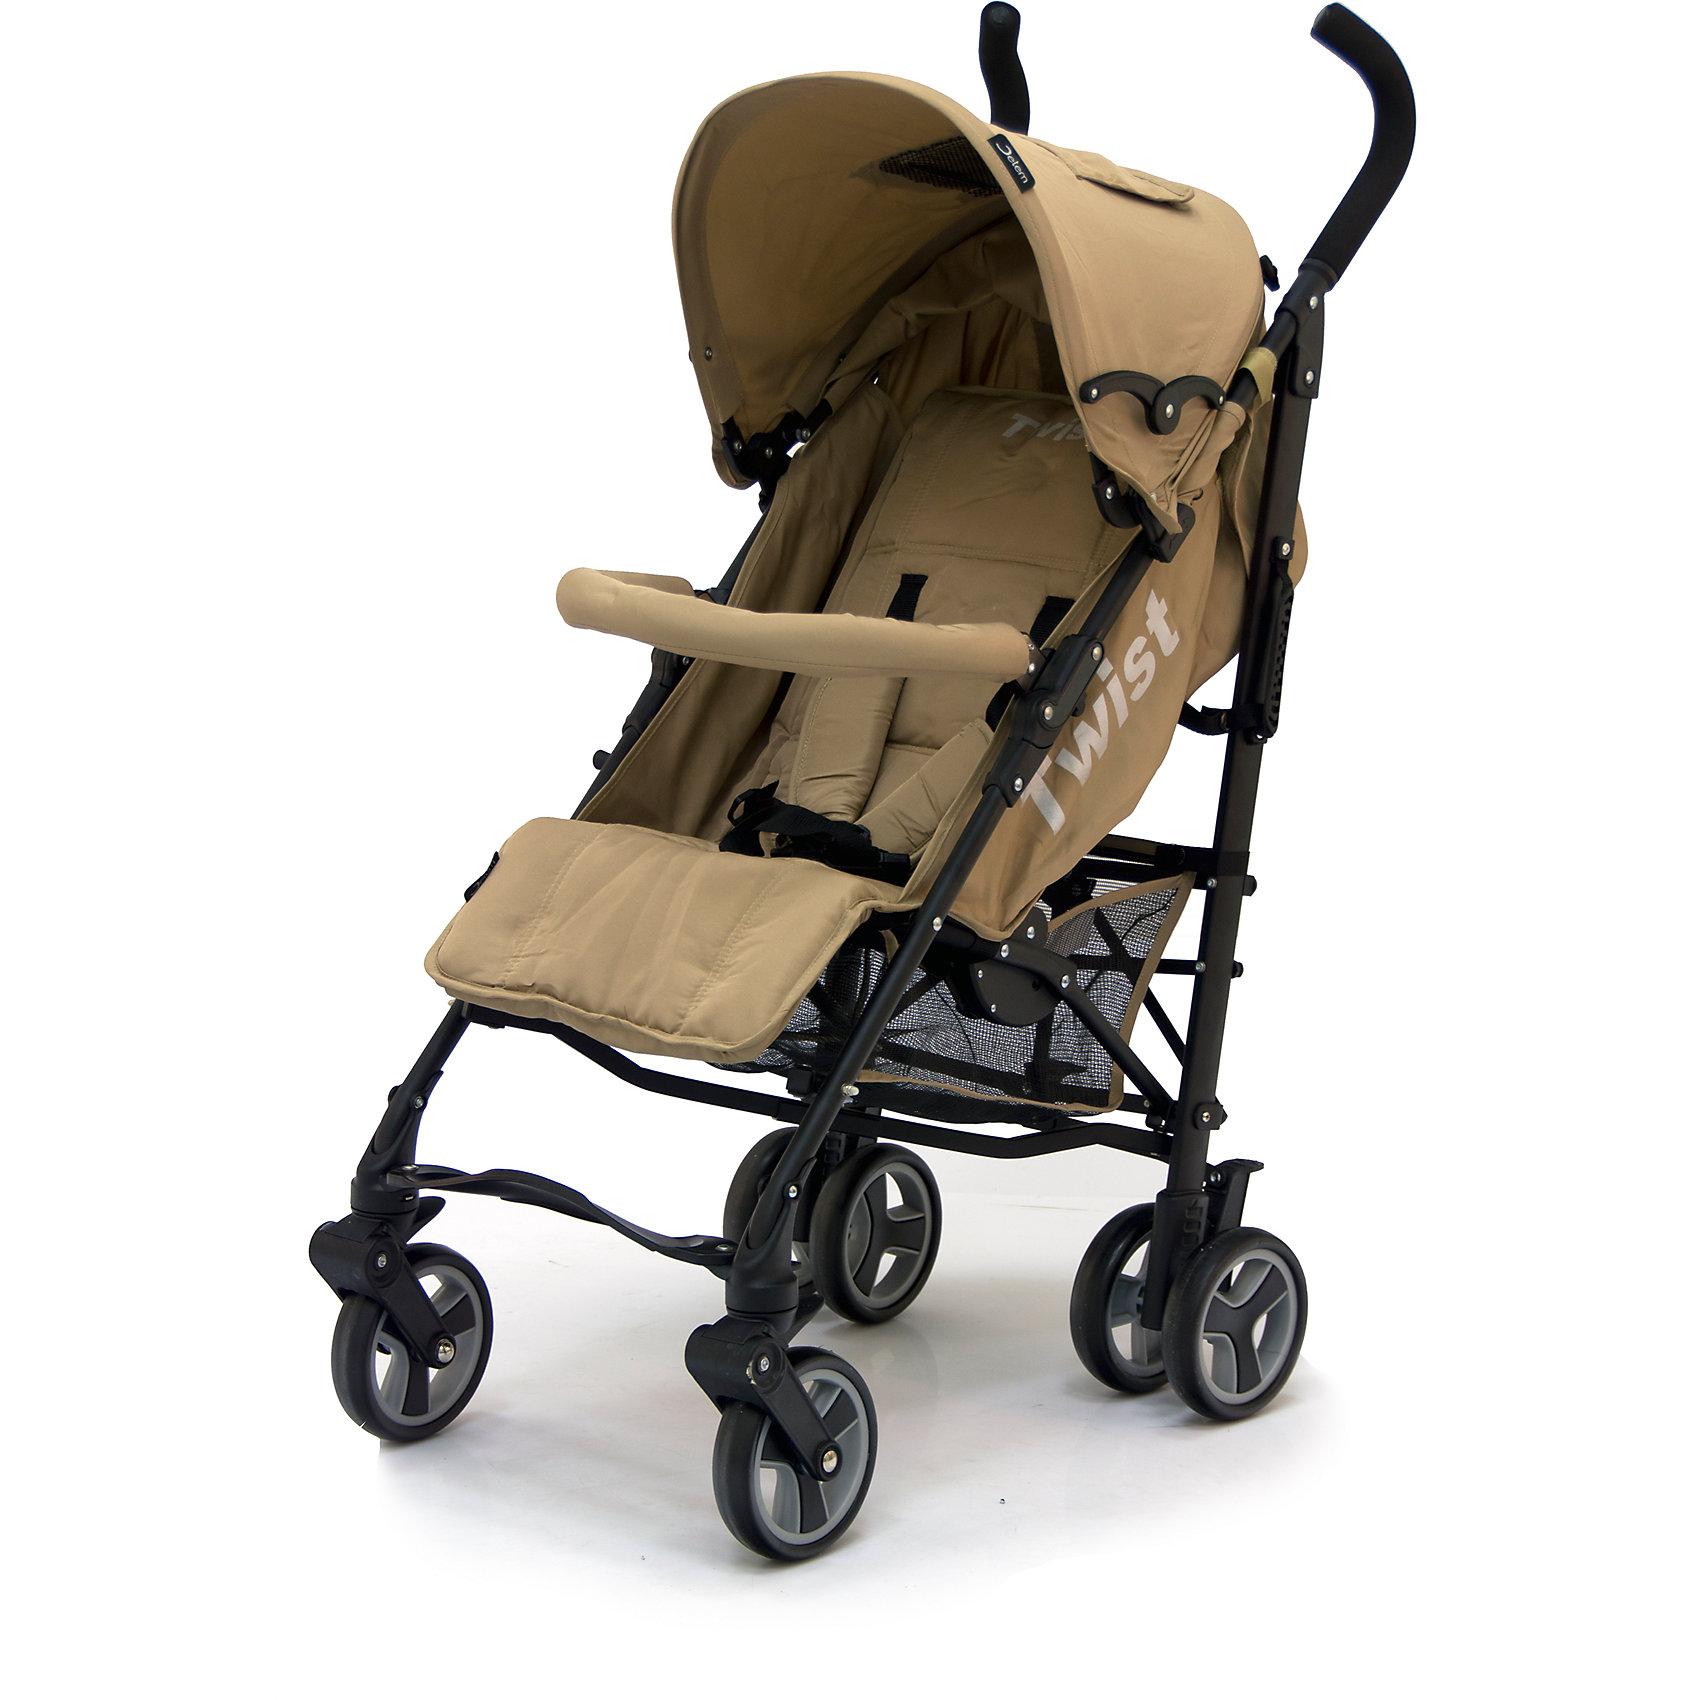 Коляска-трость Jetem Twist, бежевыйКоляски-трости<br>Стильная и современная Коляска-трость Twist (Твист), Jetem (Жэтэм), бежевый представляет собой легкую, маневренную коляску для активных родителей и их детей. Данная модель имеет просторное посадочное место, благодаря чему ребенку будет в ней комфортно и свободно! Спинка и подножка регулируются в 3 положениях, а большой капюшон со смотровым окошком может опускаться почти до бампера, что позволит крохе поспать в любую погоду. Маневренность и плавность хода коляске придают поворотные передние колеса, которые при необходимости можно зафиксировать. <br><br>Характеристики: <br>-Сезонность: летняя<br>-Тип: прогулочная<br>-Цвет: бежевый<br>-Механизм складывания: трость <br>-Комфортное большое посадочное и спальное место<br>-Съемный бампер с мягкой обивкой<br>-Регулируемый наклон спинки (3 положения)<br>-Встроенные ремни безопасности<br>-Регулируемая подножка (3 положения)<br>-Передние колеса поворотные с возможностью фиксации<br>-Задние колеса сдвоенные<br>-Ножной тормоз на задней оси<br>-Большой опускающийся до бампера капюшон со смотровым окошком<br>-Встроенные 5-титочечные ремни безопасности с мягкими плечевыми накладками<br>-Облегченная рама из алюминиевого профиля<br><br>Комплектация: чехол на ножки, дождевик, корзина для покупок<br><br>Дополнительная информация:<br>-Диаметр колес: 12 см <br>-Материалы: плотная резина, текстиль, алюминий<br>-Вес: 9 кг <br>-Размеры: 50х40х90 см <br>-Размер спального места: 29х20х40 см<br>-Ширина шасси: 50 см<br><br>Коляска-трость Twist (Твист), Jetem (Жэтэм), бежевый – это современная, стильная модель, которая сочетает в себе качество, комфорт и безопасность!<br><br>Коляска-трость Twist (Твист), Jetem (Жэтэм), бежевый можно купить в нашем магазине.<br><br>Ширина мм: 980<br>Глубина мм: 250<br>Высота мм: 230<br>Вес г: 10000<br>Возраст от месяцев: 6<br>Возраст до месяцев: 36<br>Пол: Унисекс<br>Возраст: Детский<br>SKU: 4125358